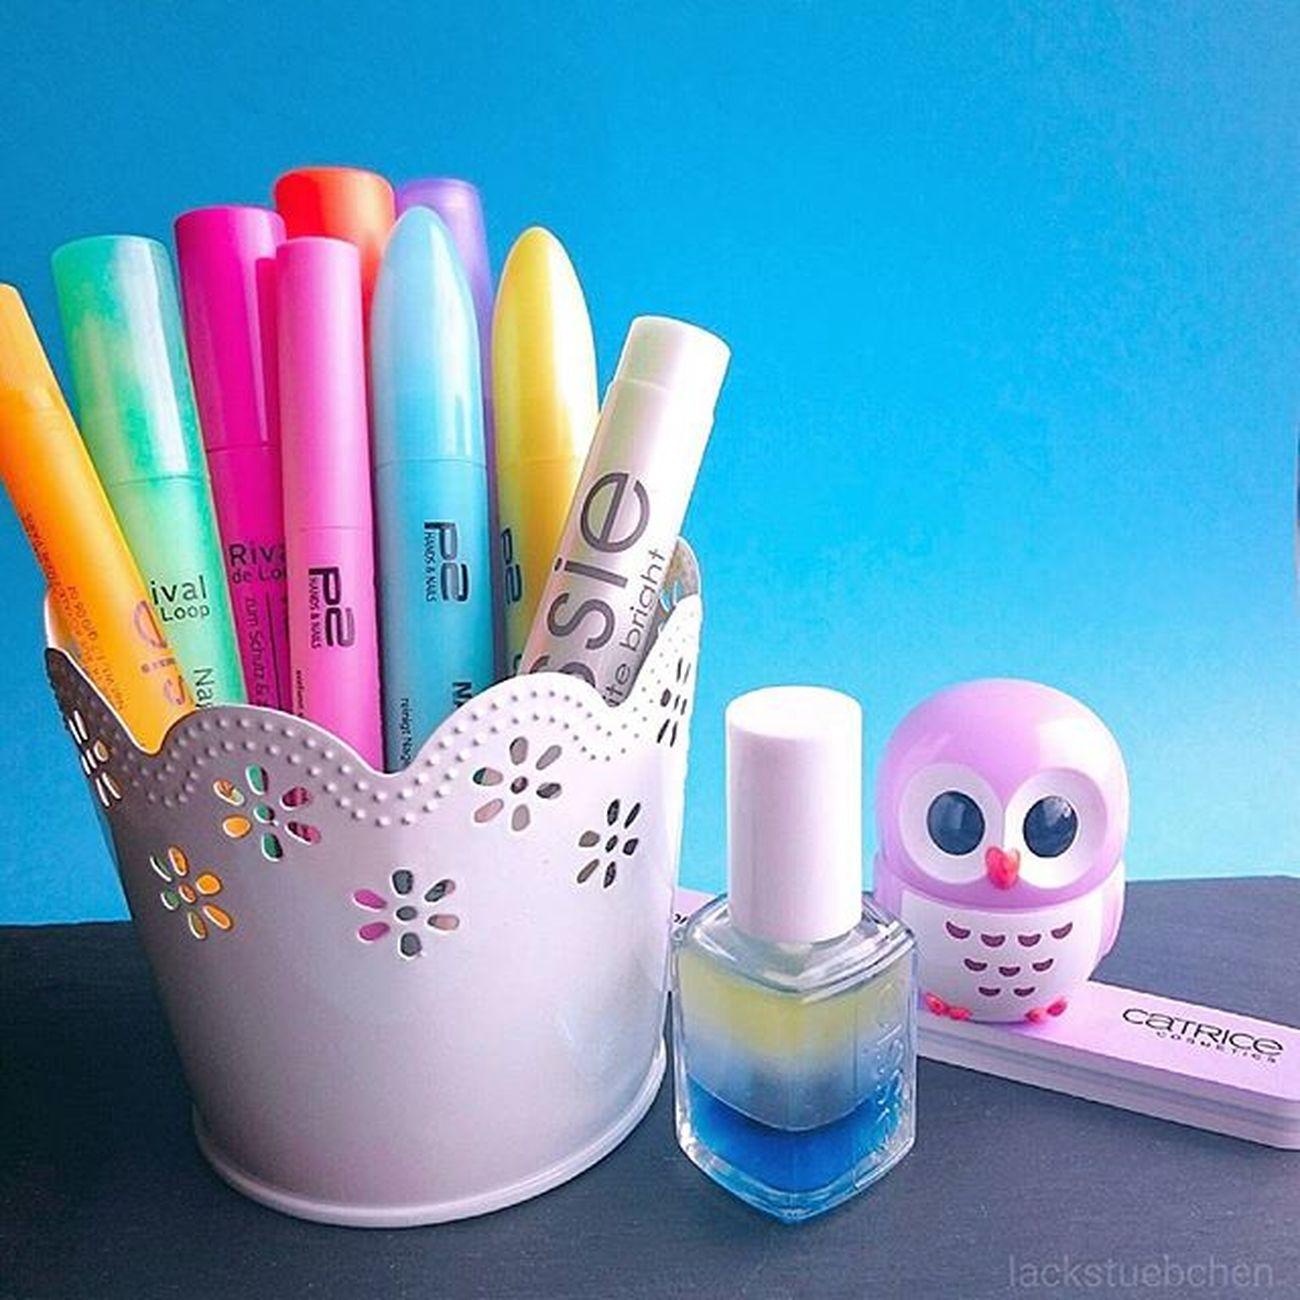 Hallöööchen 😘 Mit diesem Bild möchte ich bei der Aktion Einzigartigenägel von @dm_deutschland mitmachen 💅 ➡All diese Produkte helfen mir, meine Nägel für eine Maniküre vorzubereiten.